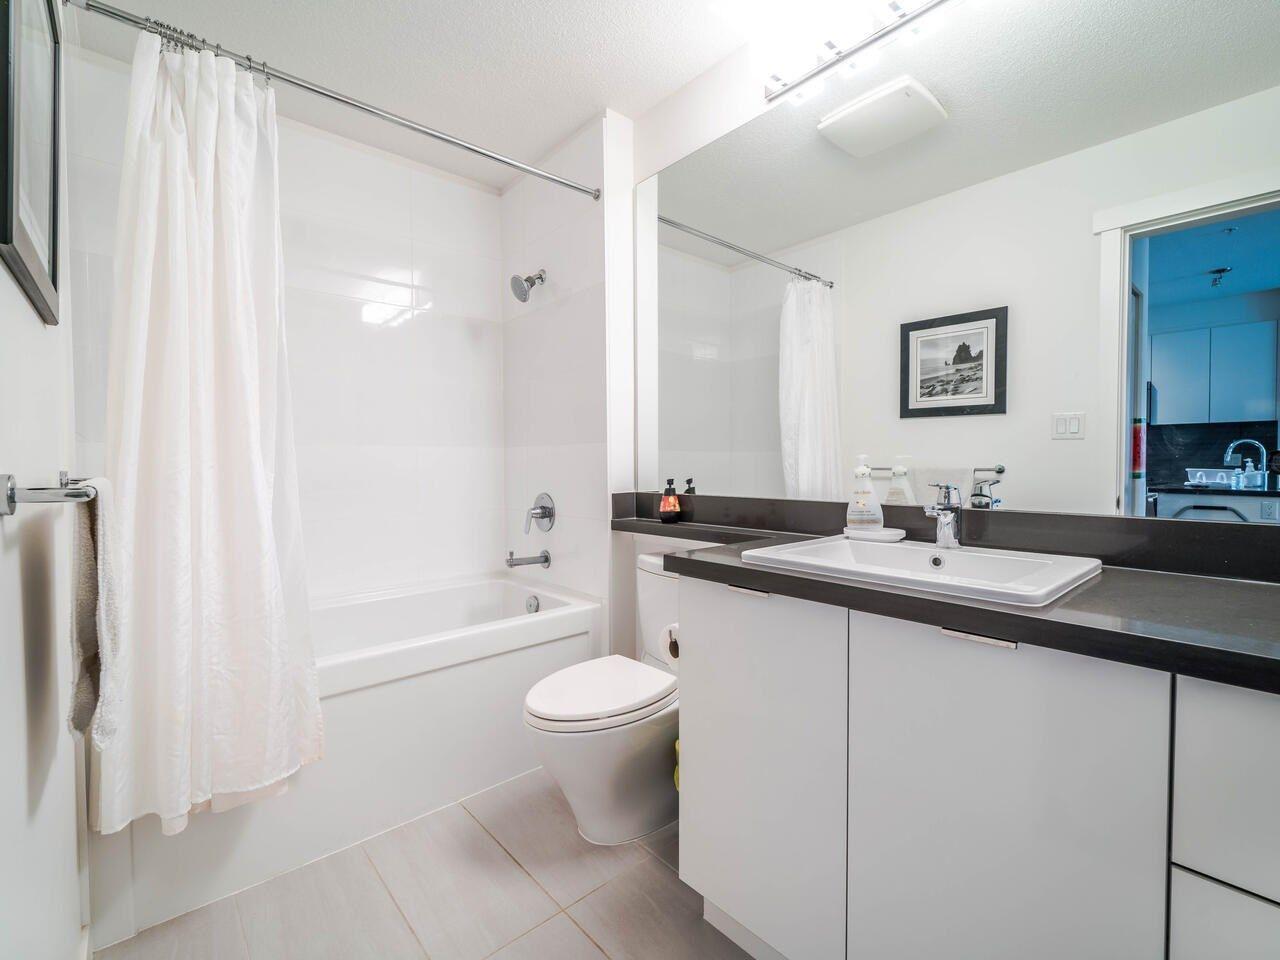 """Photo 9: Photos: 211 15168 33 Avenue in Surrey: Morgan Creek Condo for sale in """"ELGIN HOUSE"""" (South Surrey White Rock)  : MLS®# R2501383"""